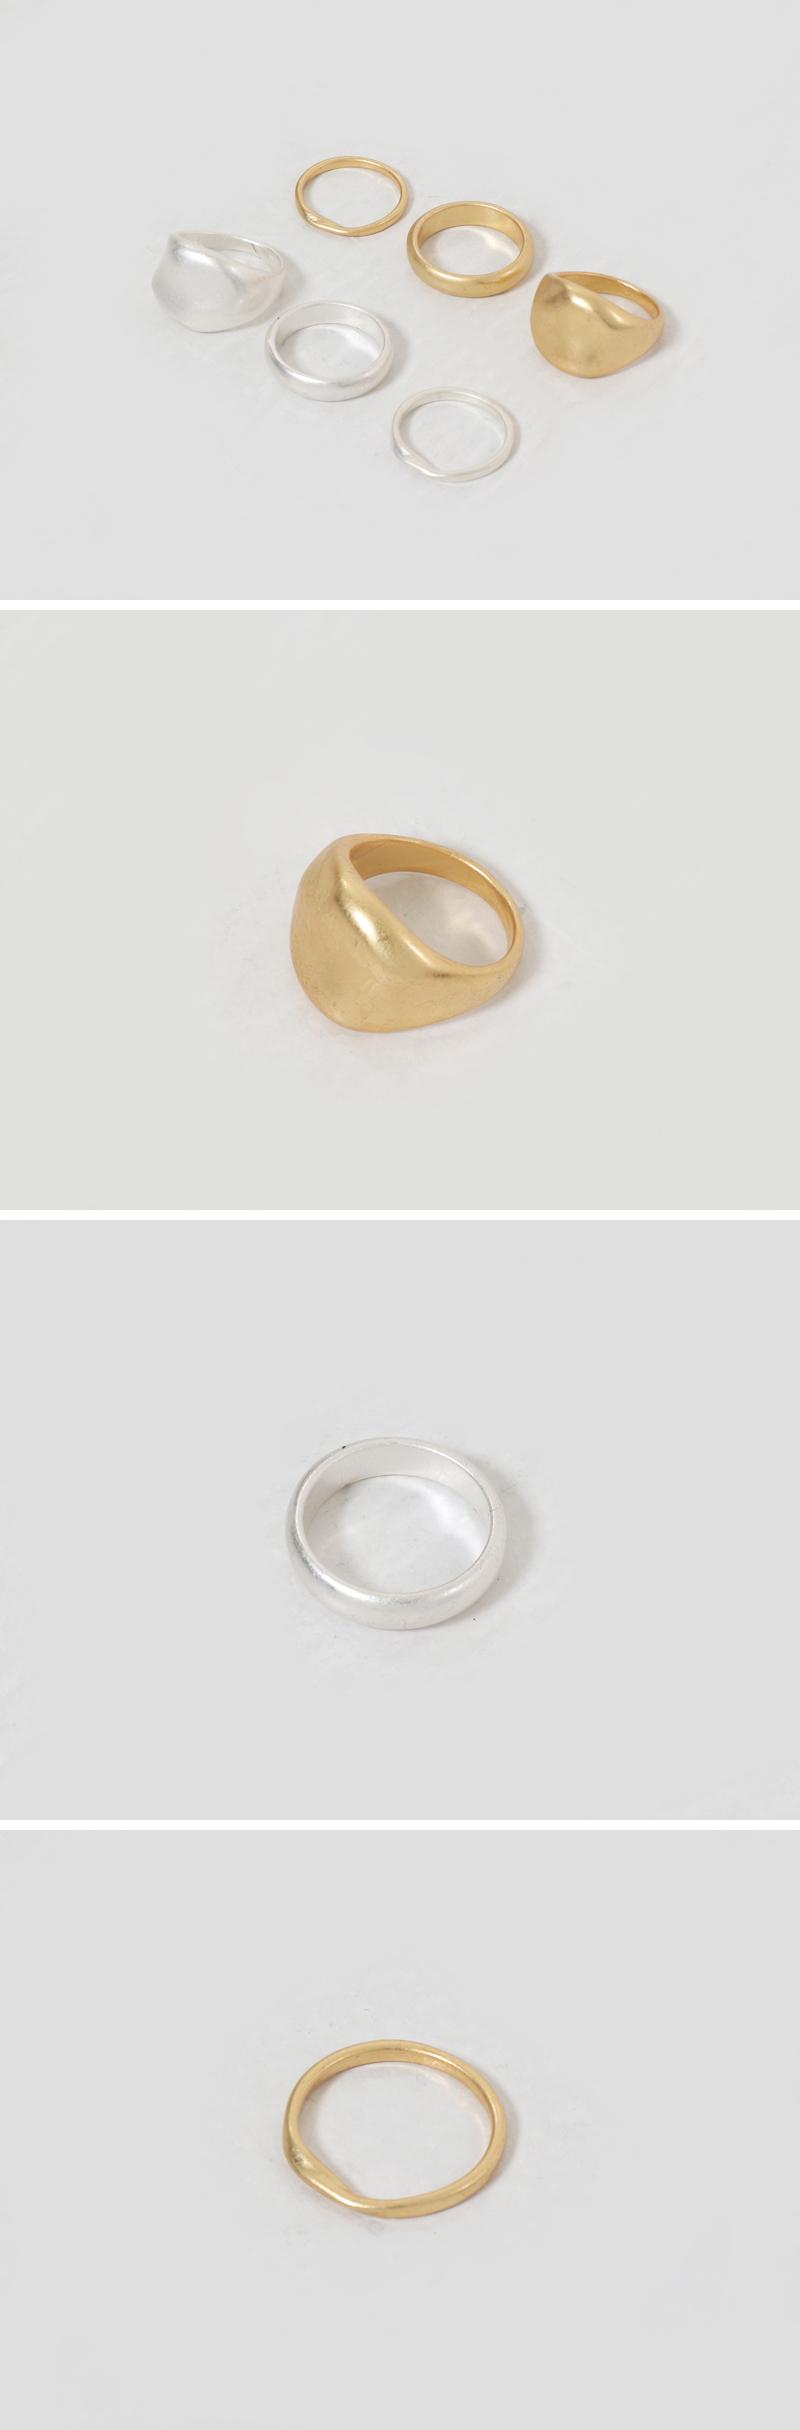 Daily matte ring SET